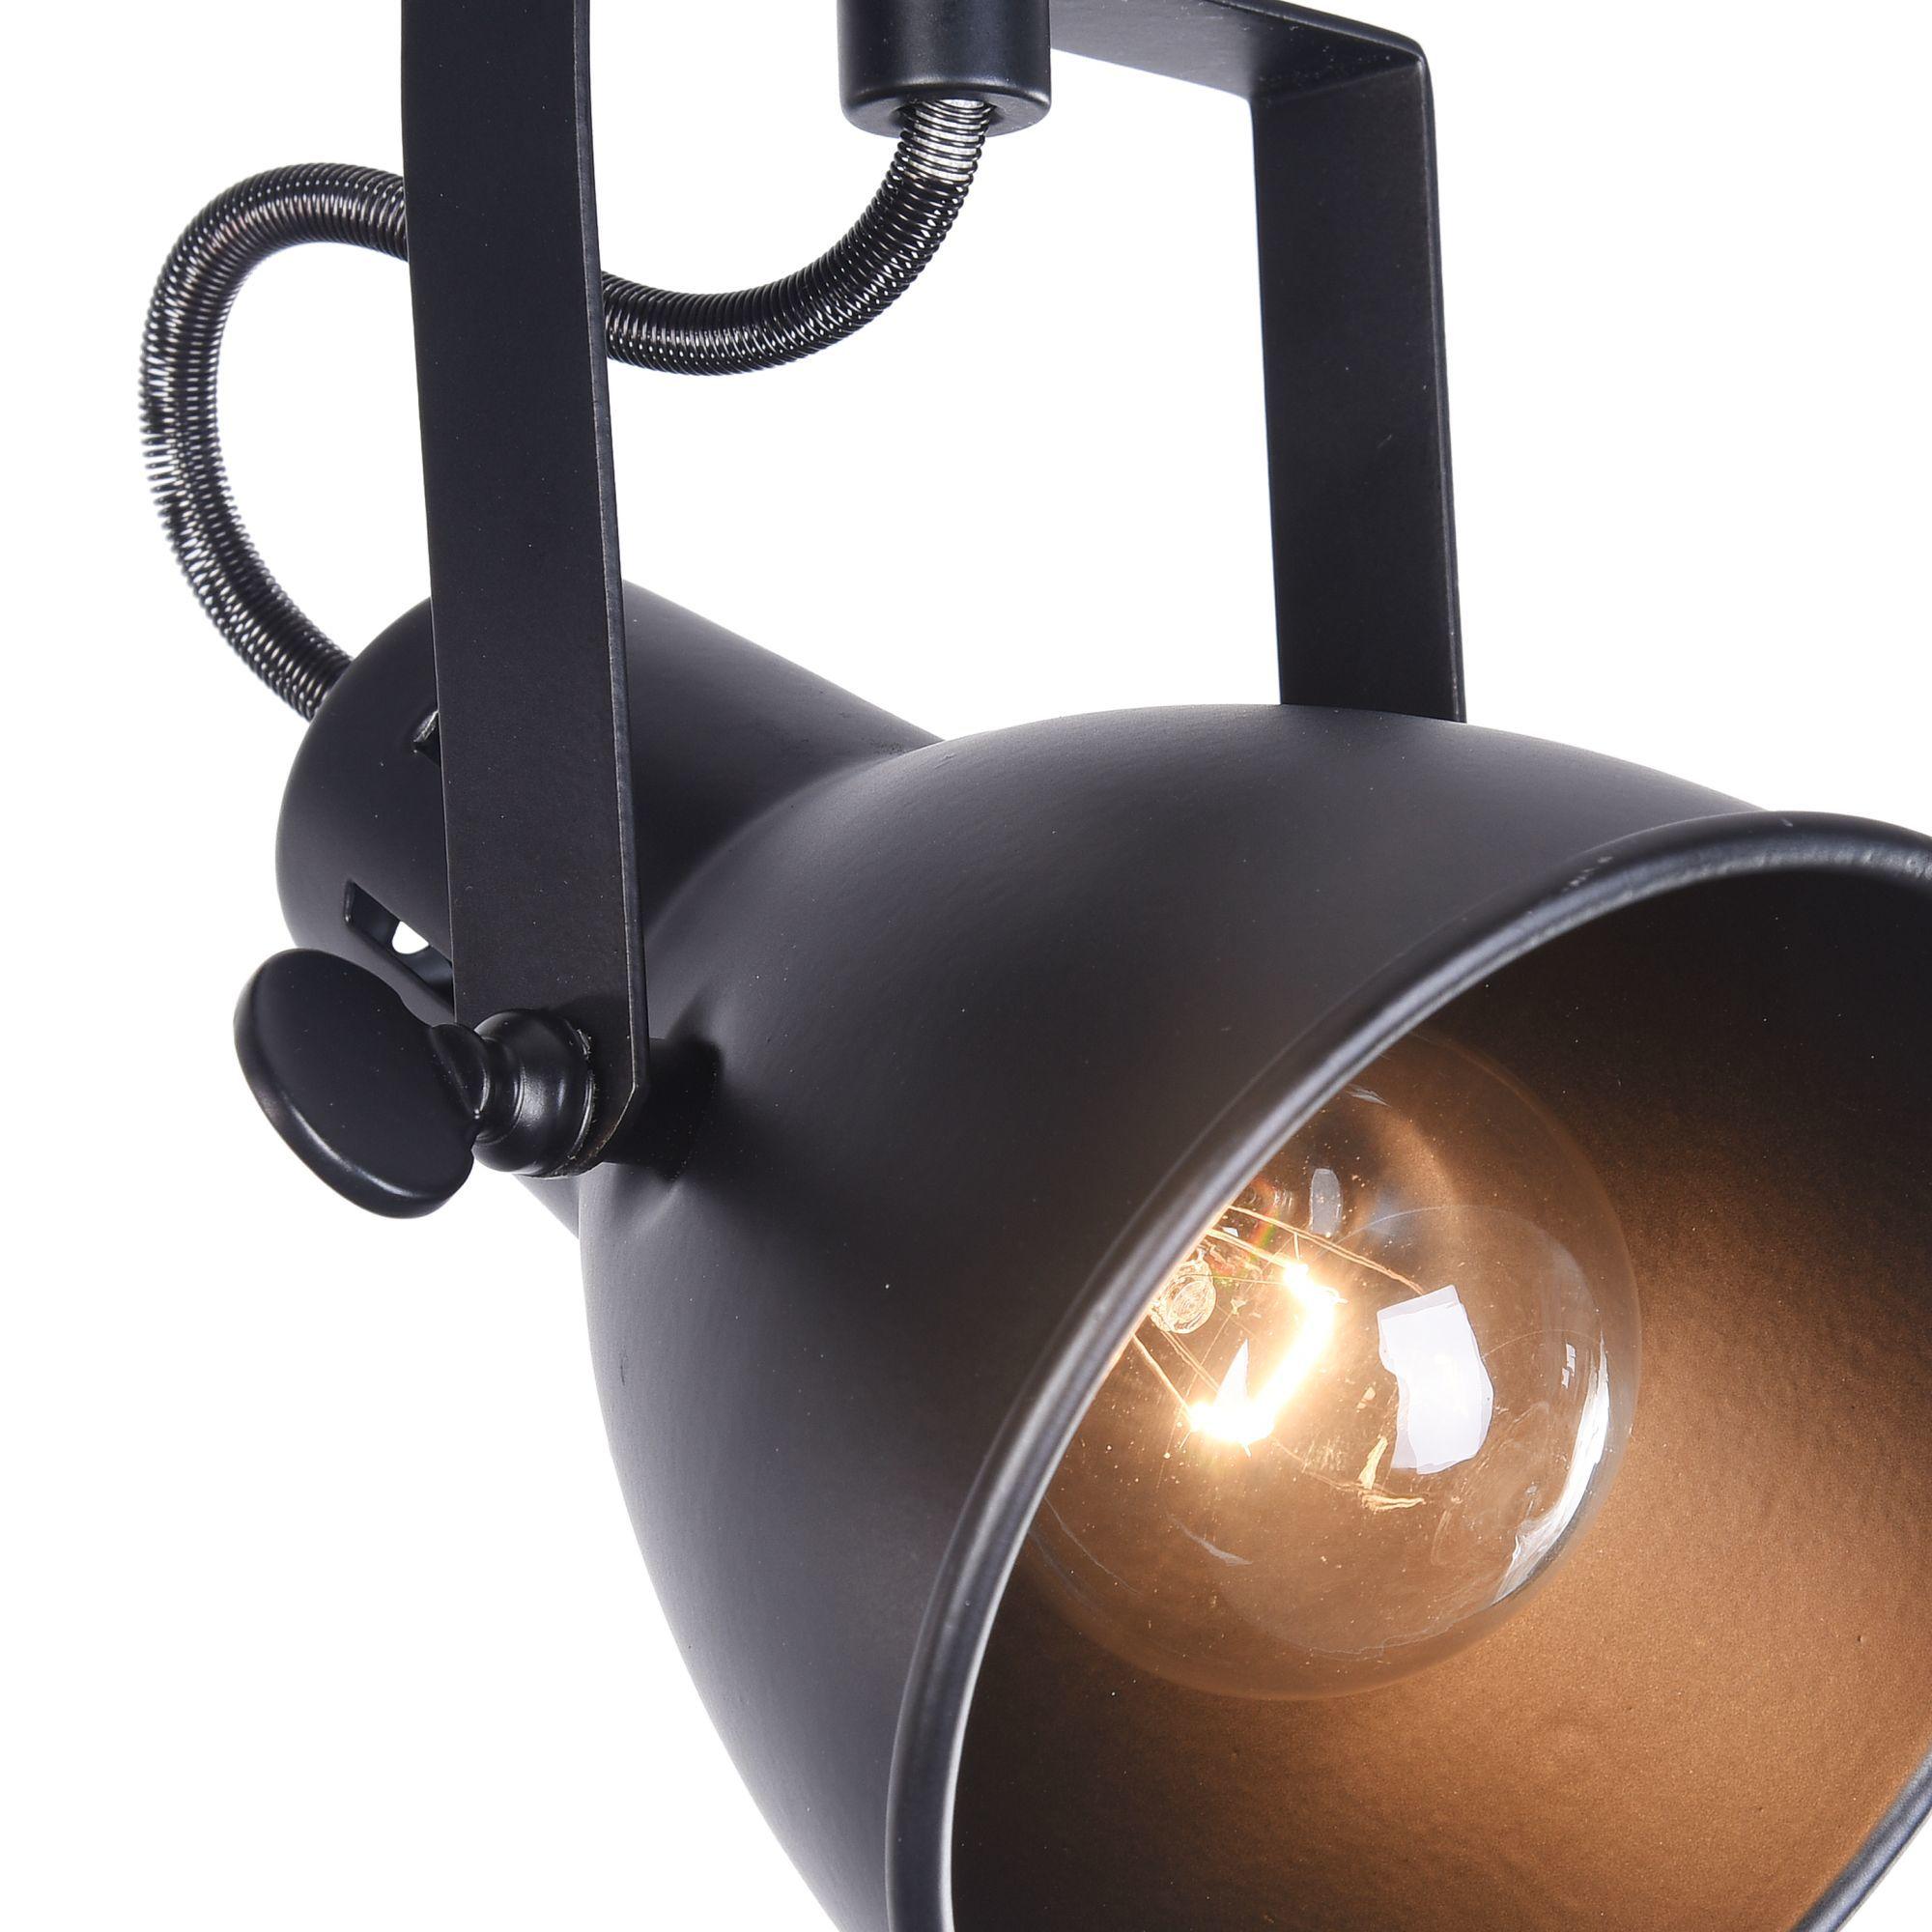 Потолочный светильник с регулировкой направления света Freya Ibbi FR4276-CW-02-B, 2xE14x40W, черный, металл - фото 5